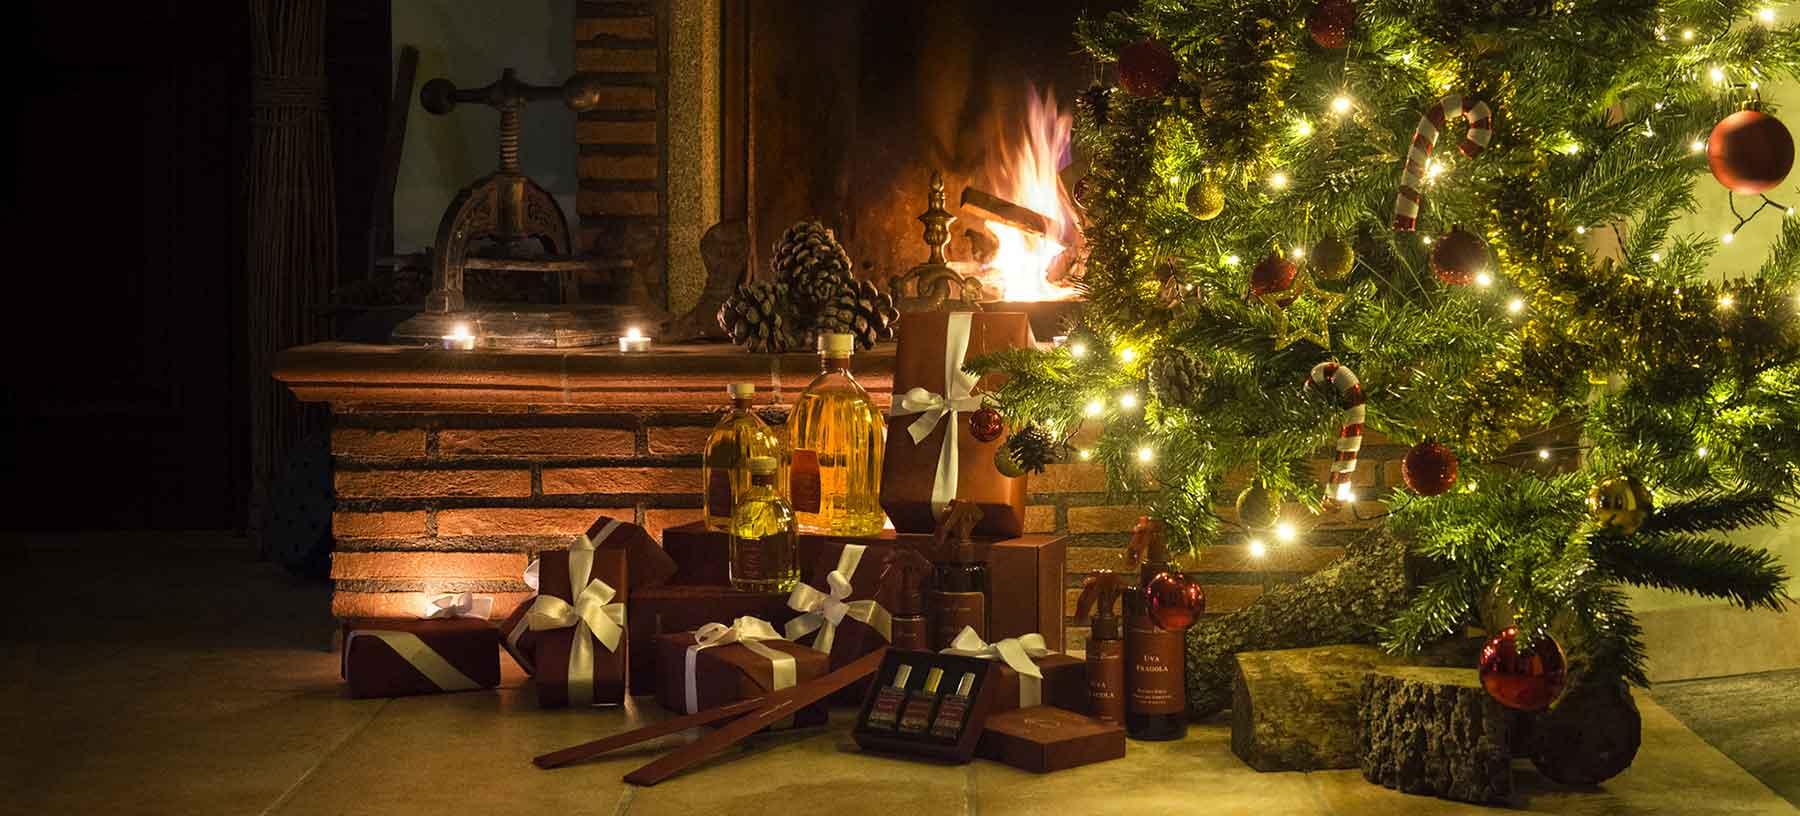 Profumi ambiente regalo Natale